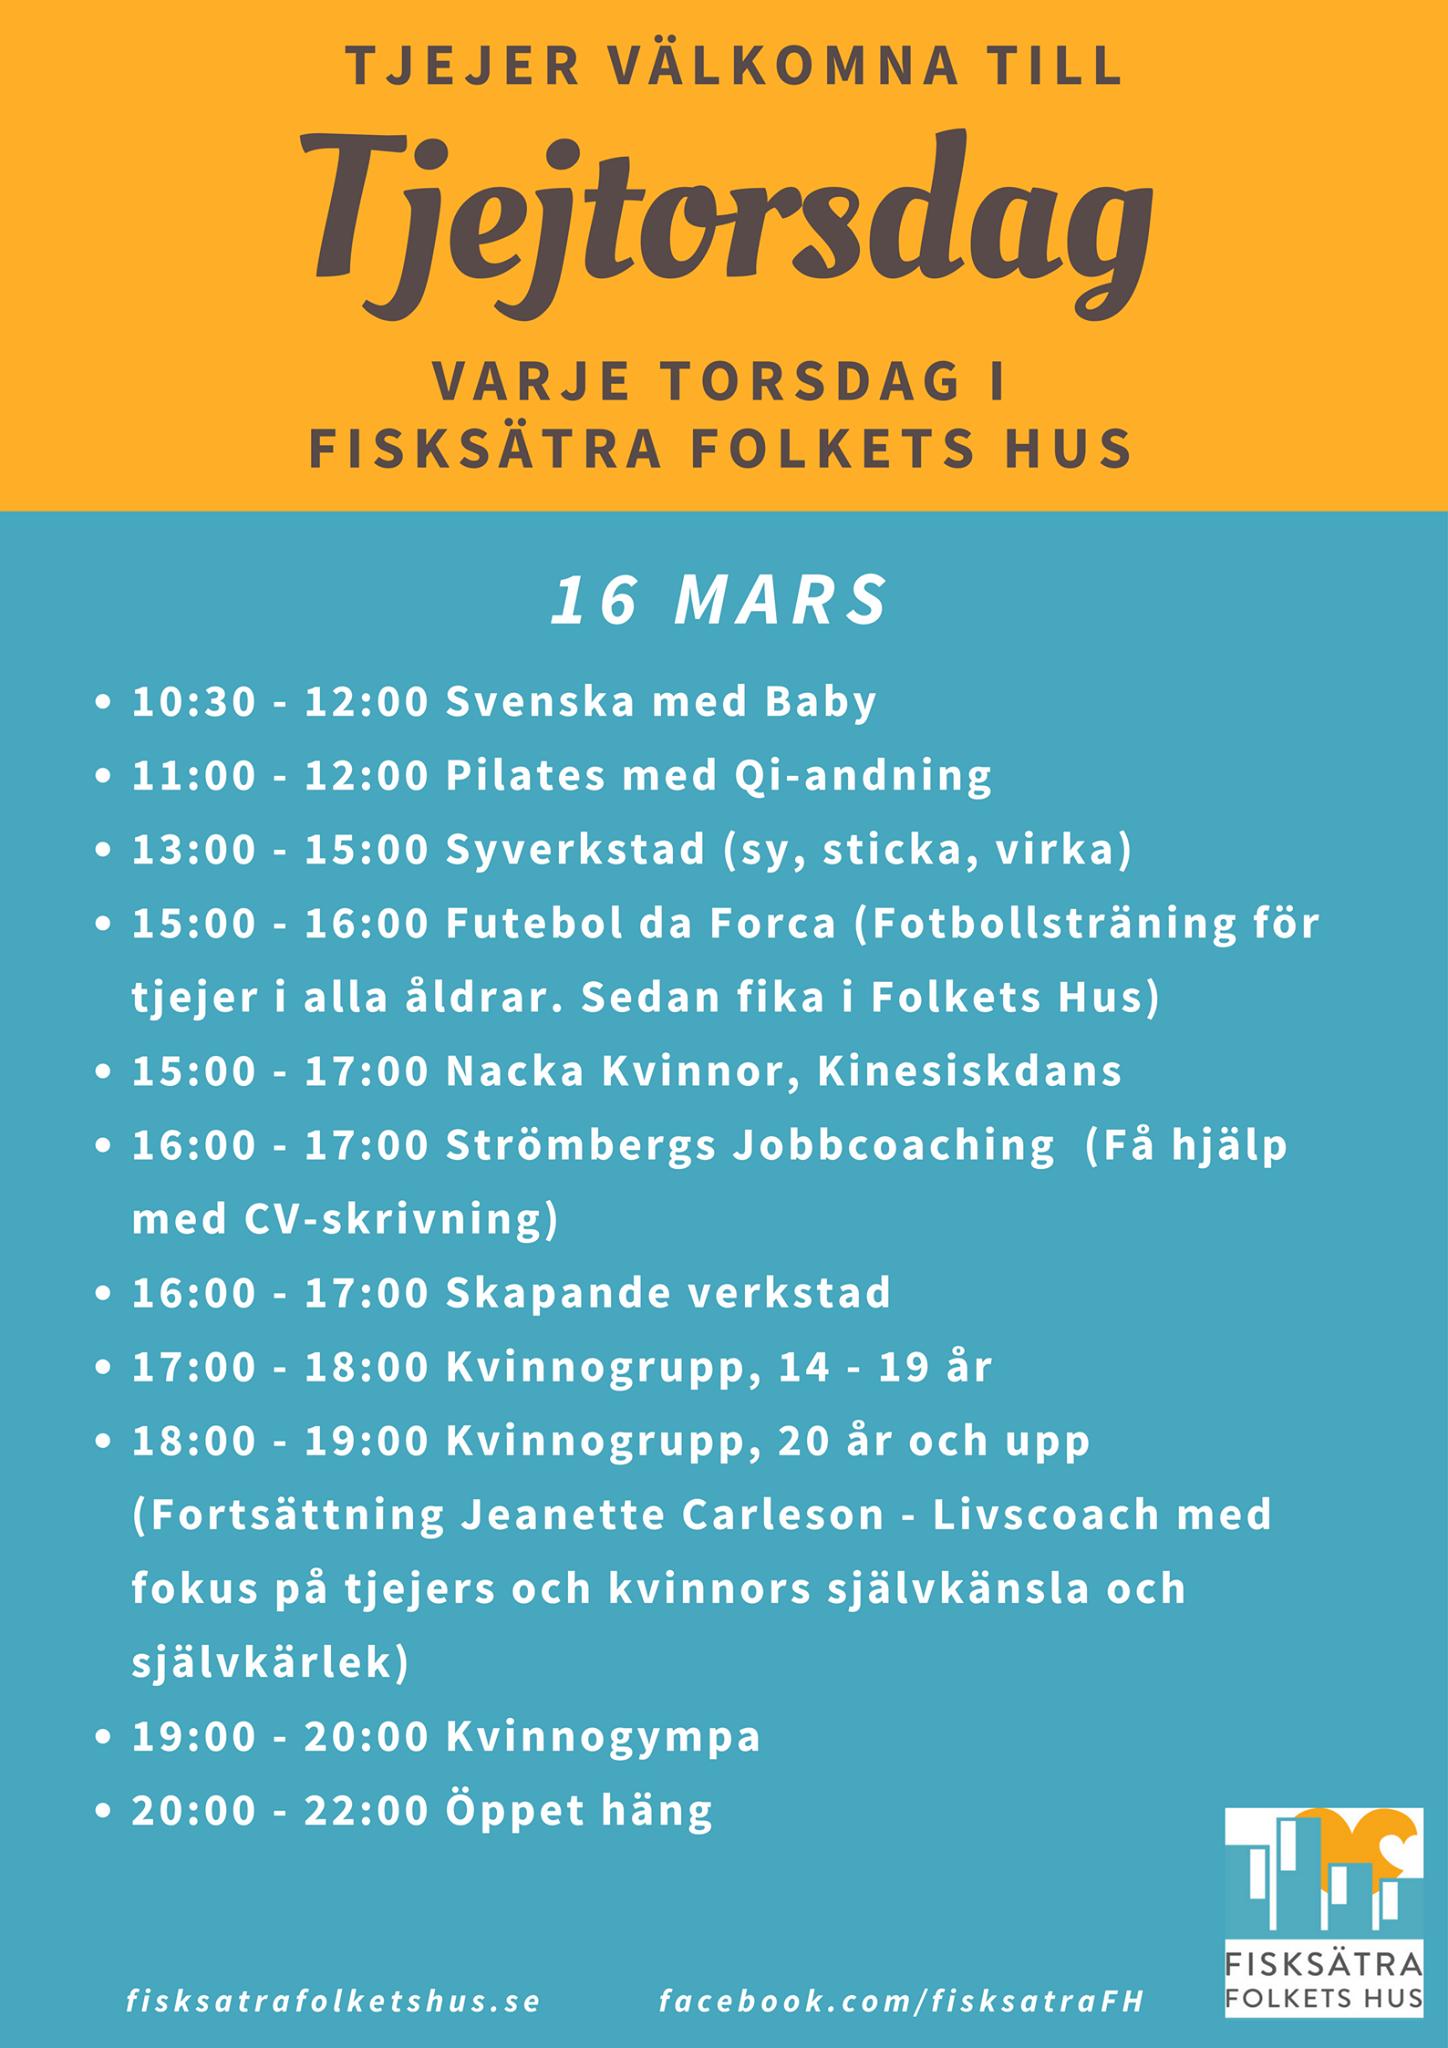 Tjejtorsdag 16 mars(2)